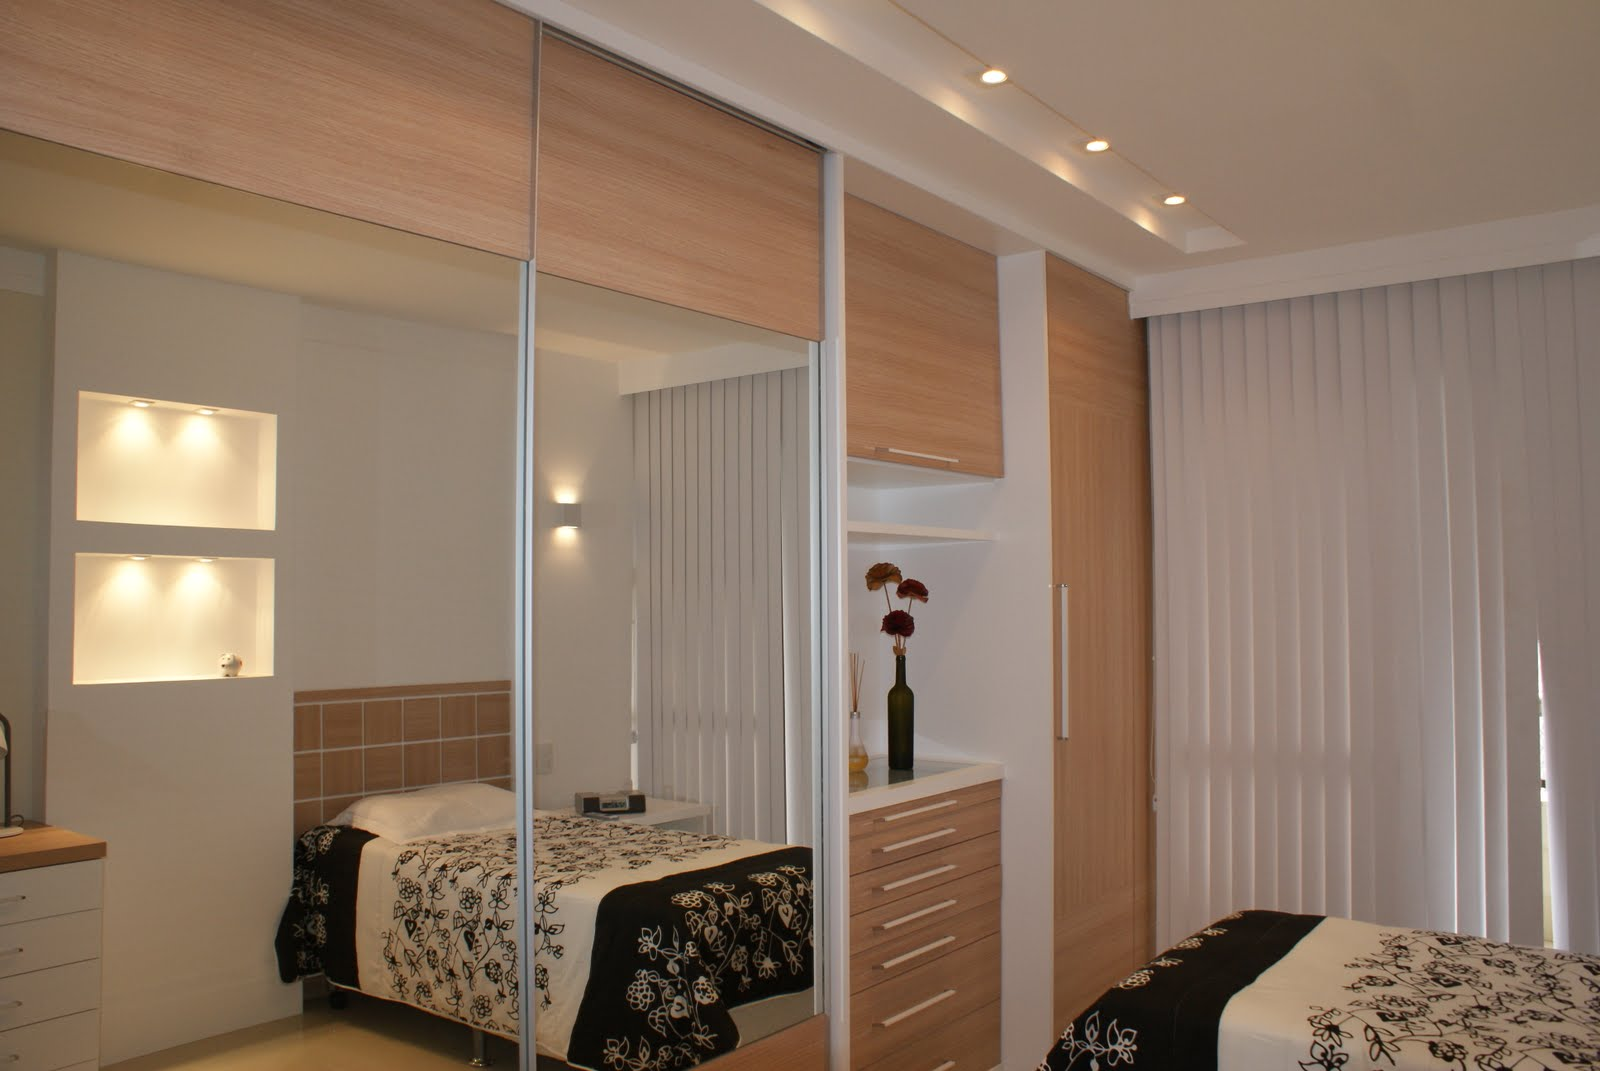 quarto de jovem STANYS Arquitetura, Interiores e design ~ Arquitetura Quarto Jovem